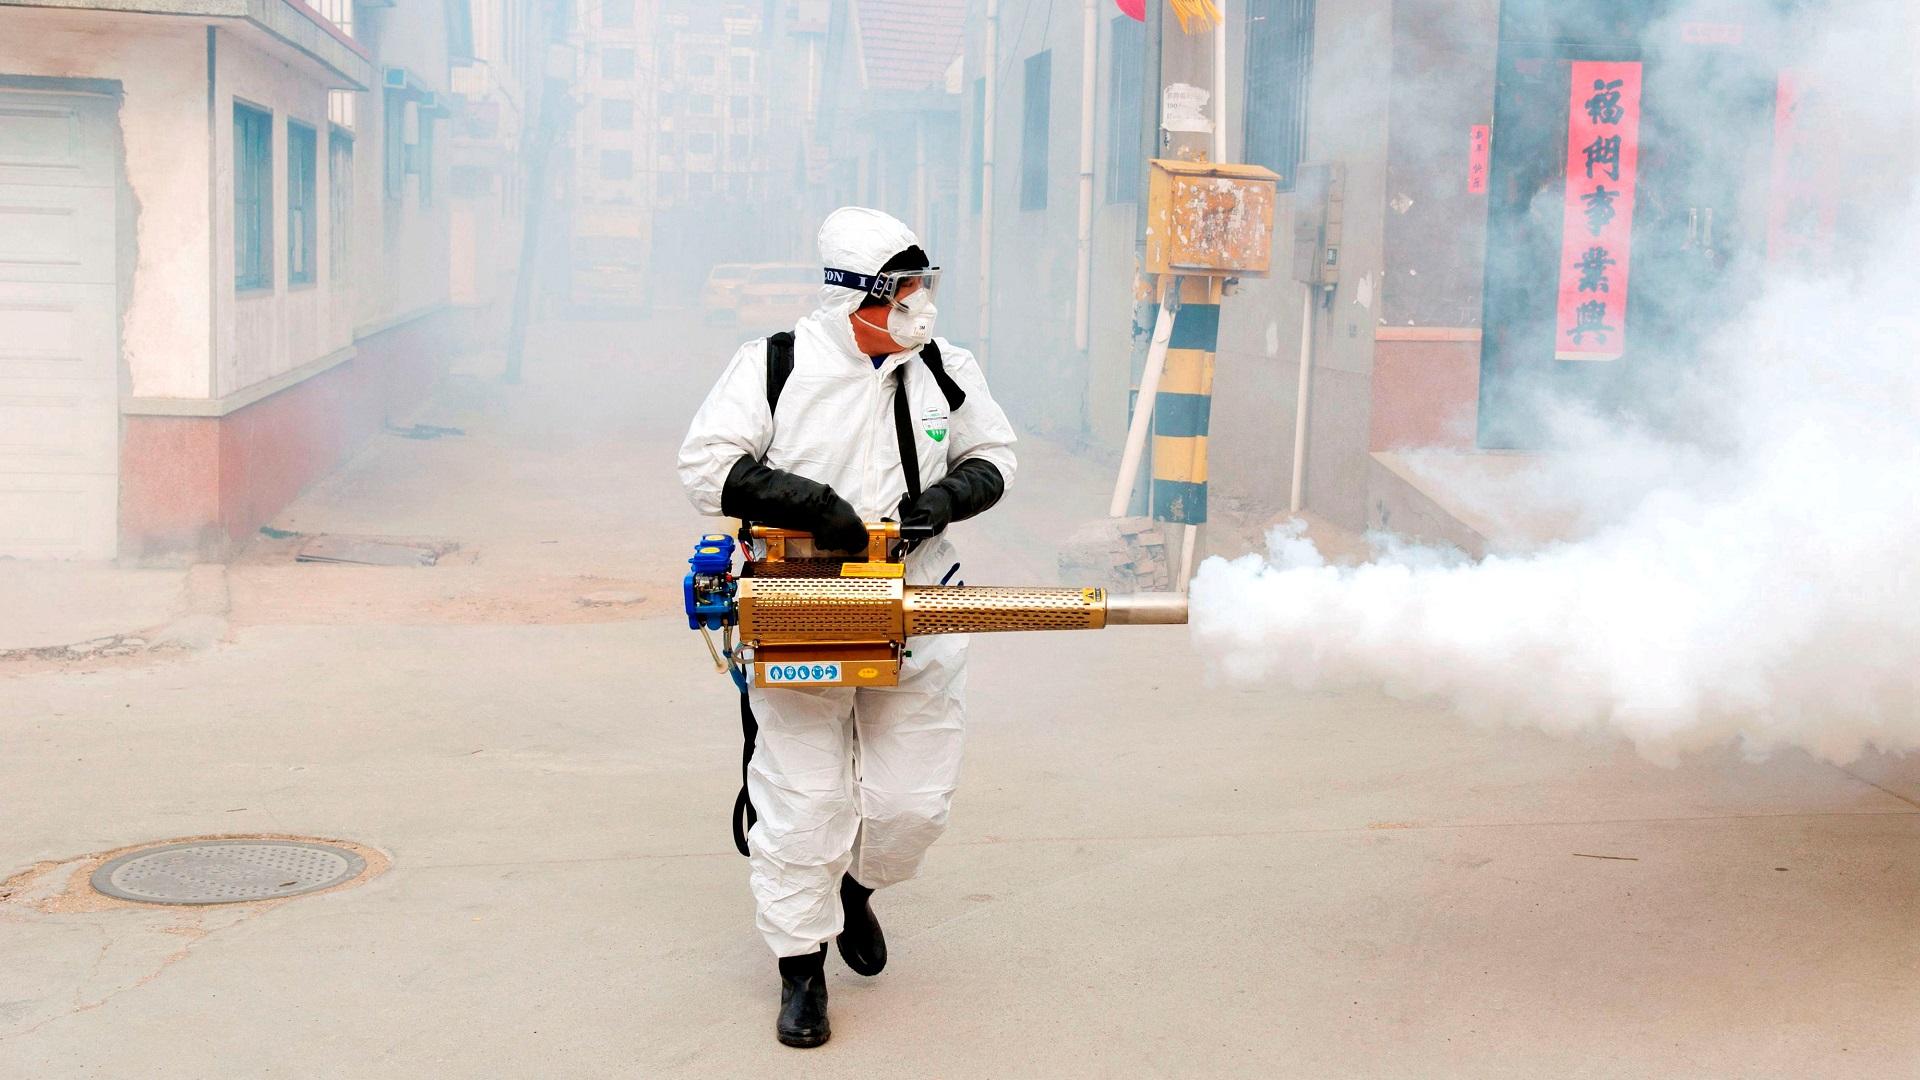 中國恐成這次疫情的最大贏家?拆解大外宣招式:先洗刷武漢肺炎污名,再向世界輸出成功抗疫經驗